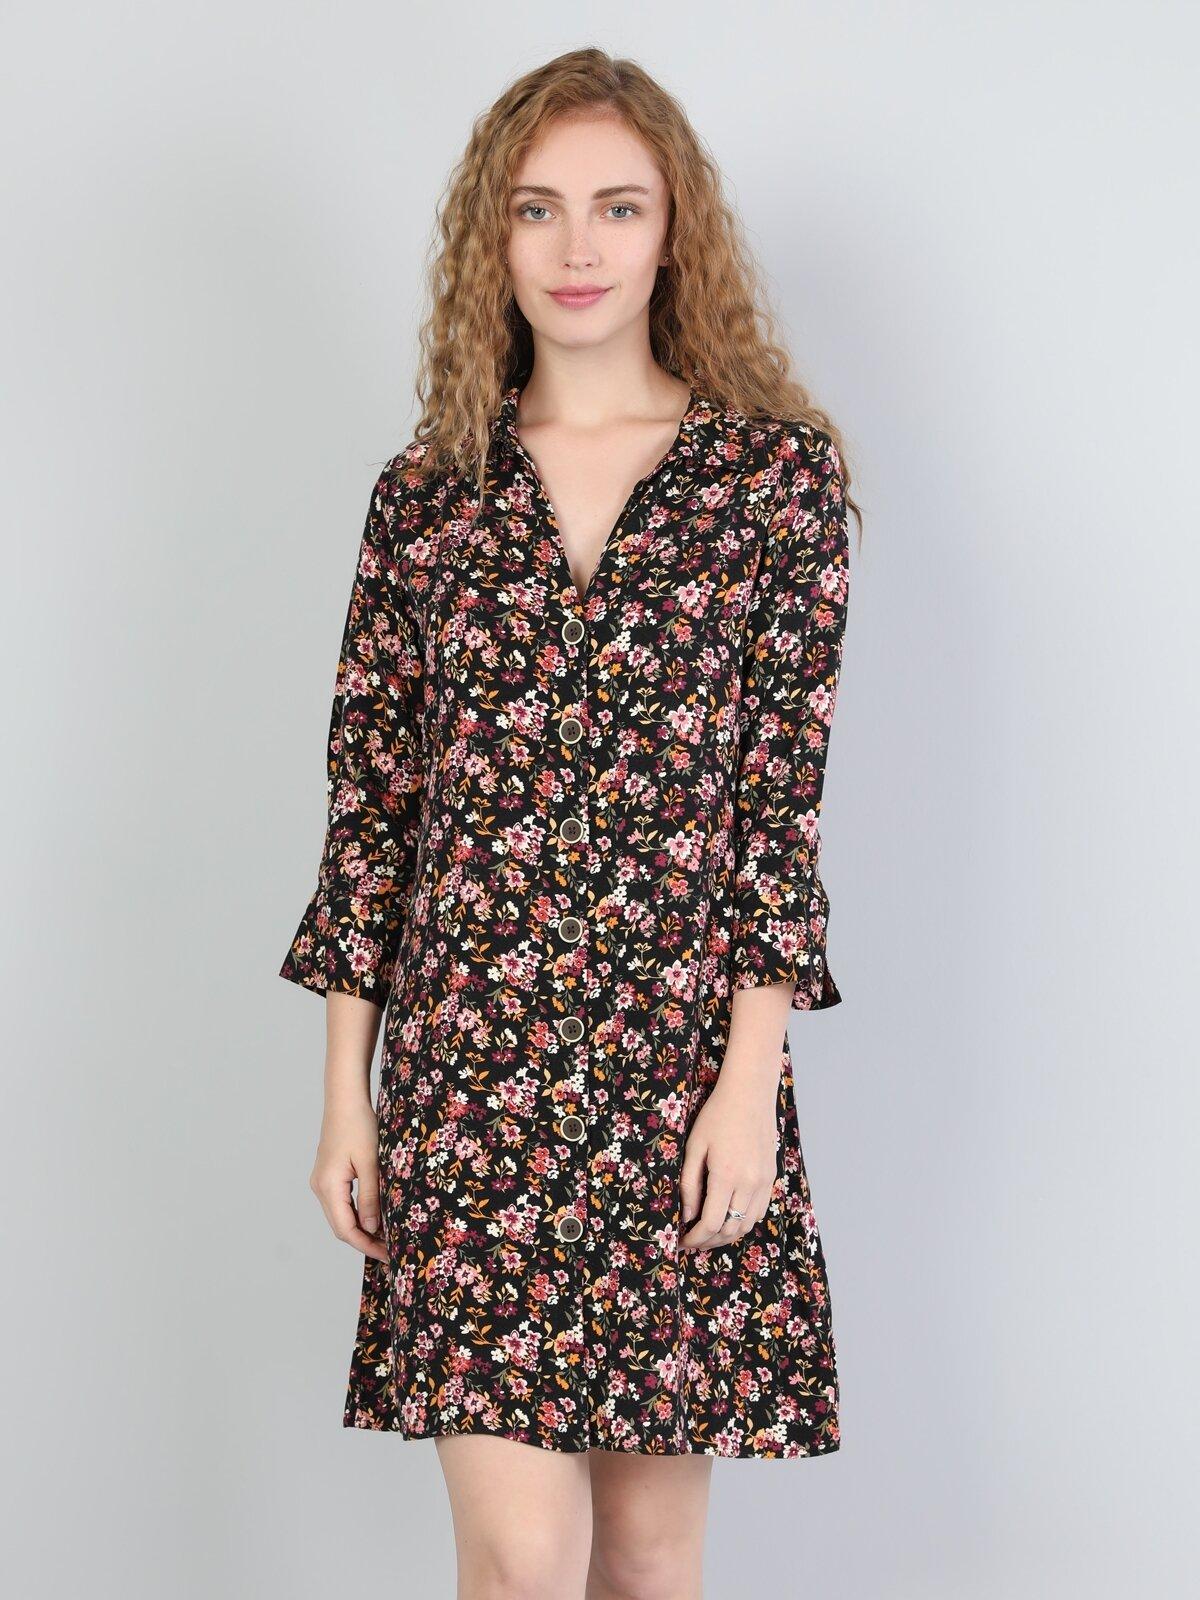 Rahat Kesim Düğmeli Çiçek Desenli Kadın Elbise